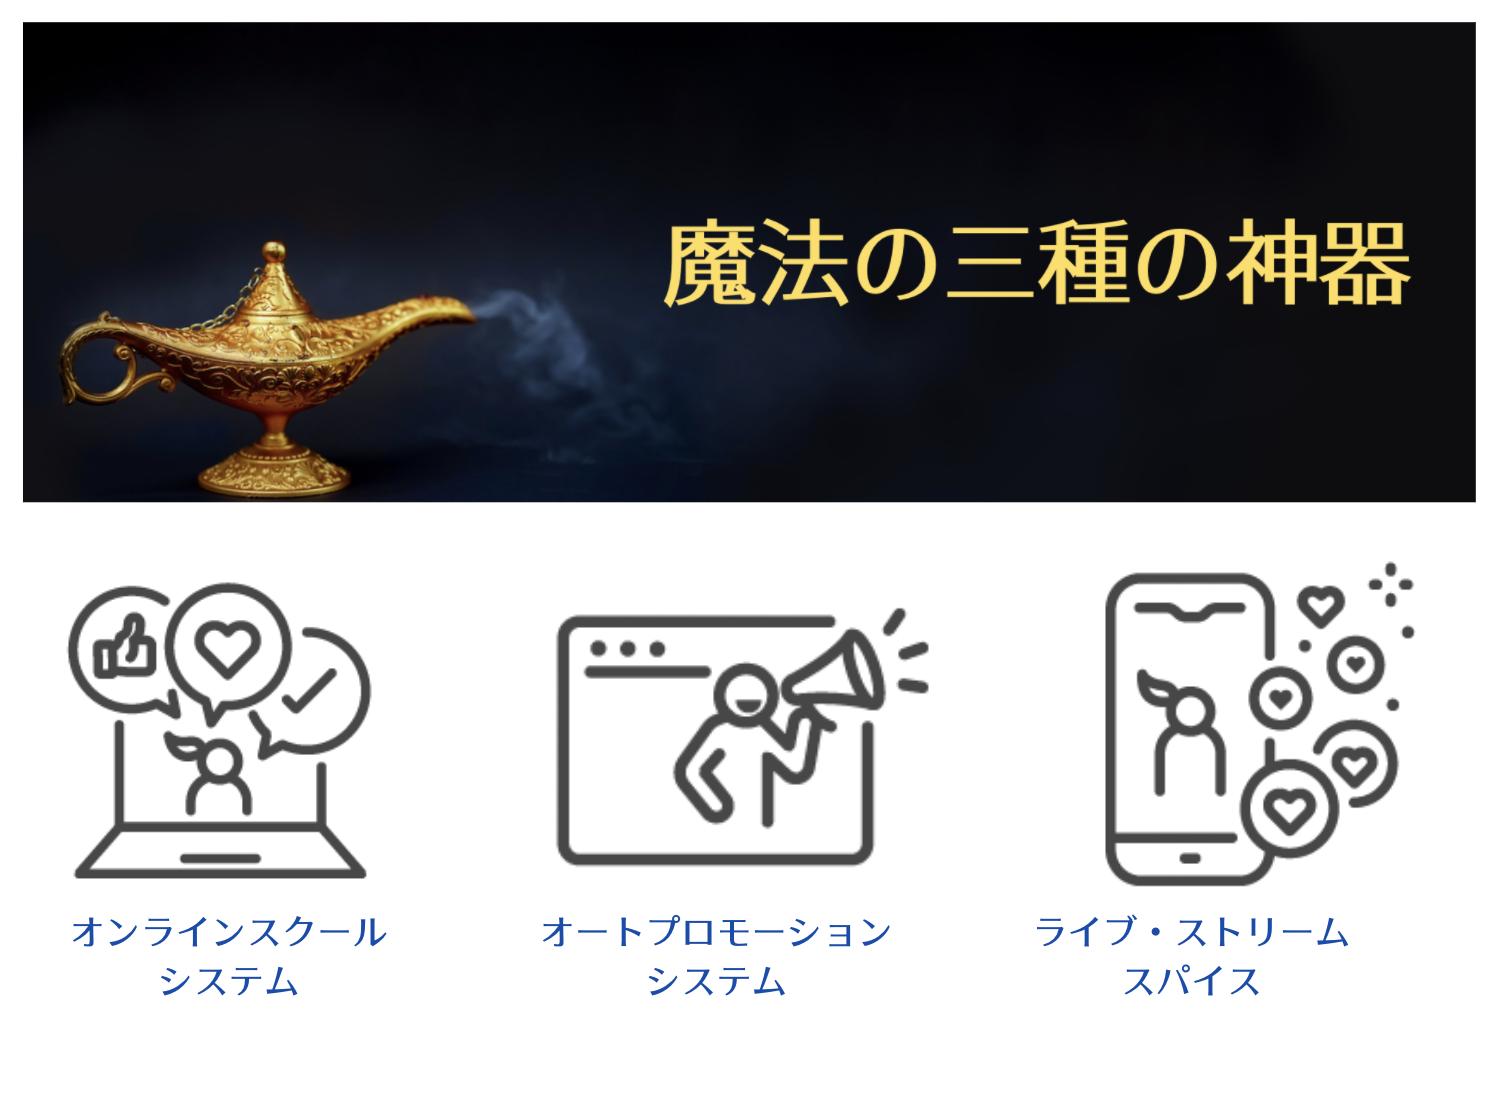 スクリーンショット 2020-10-01 16.44.48